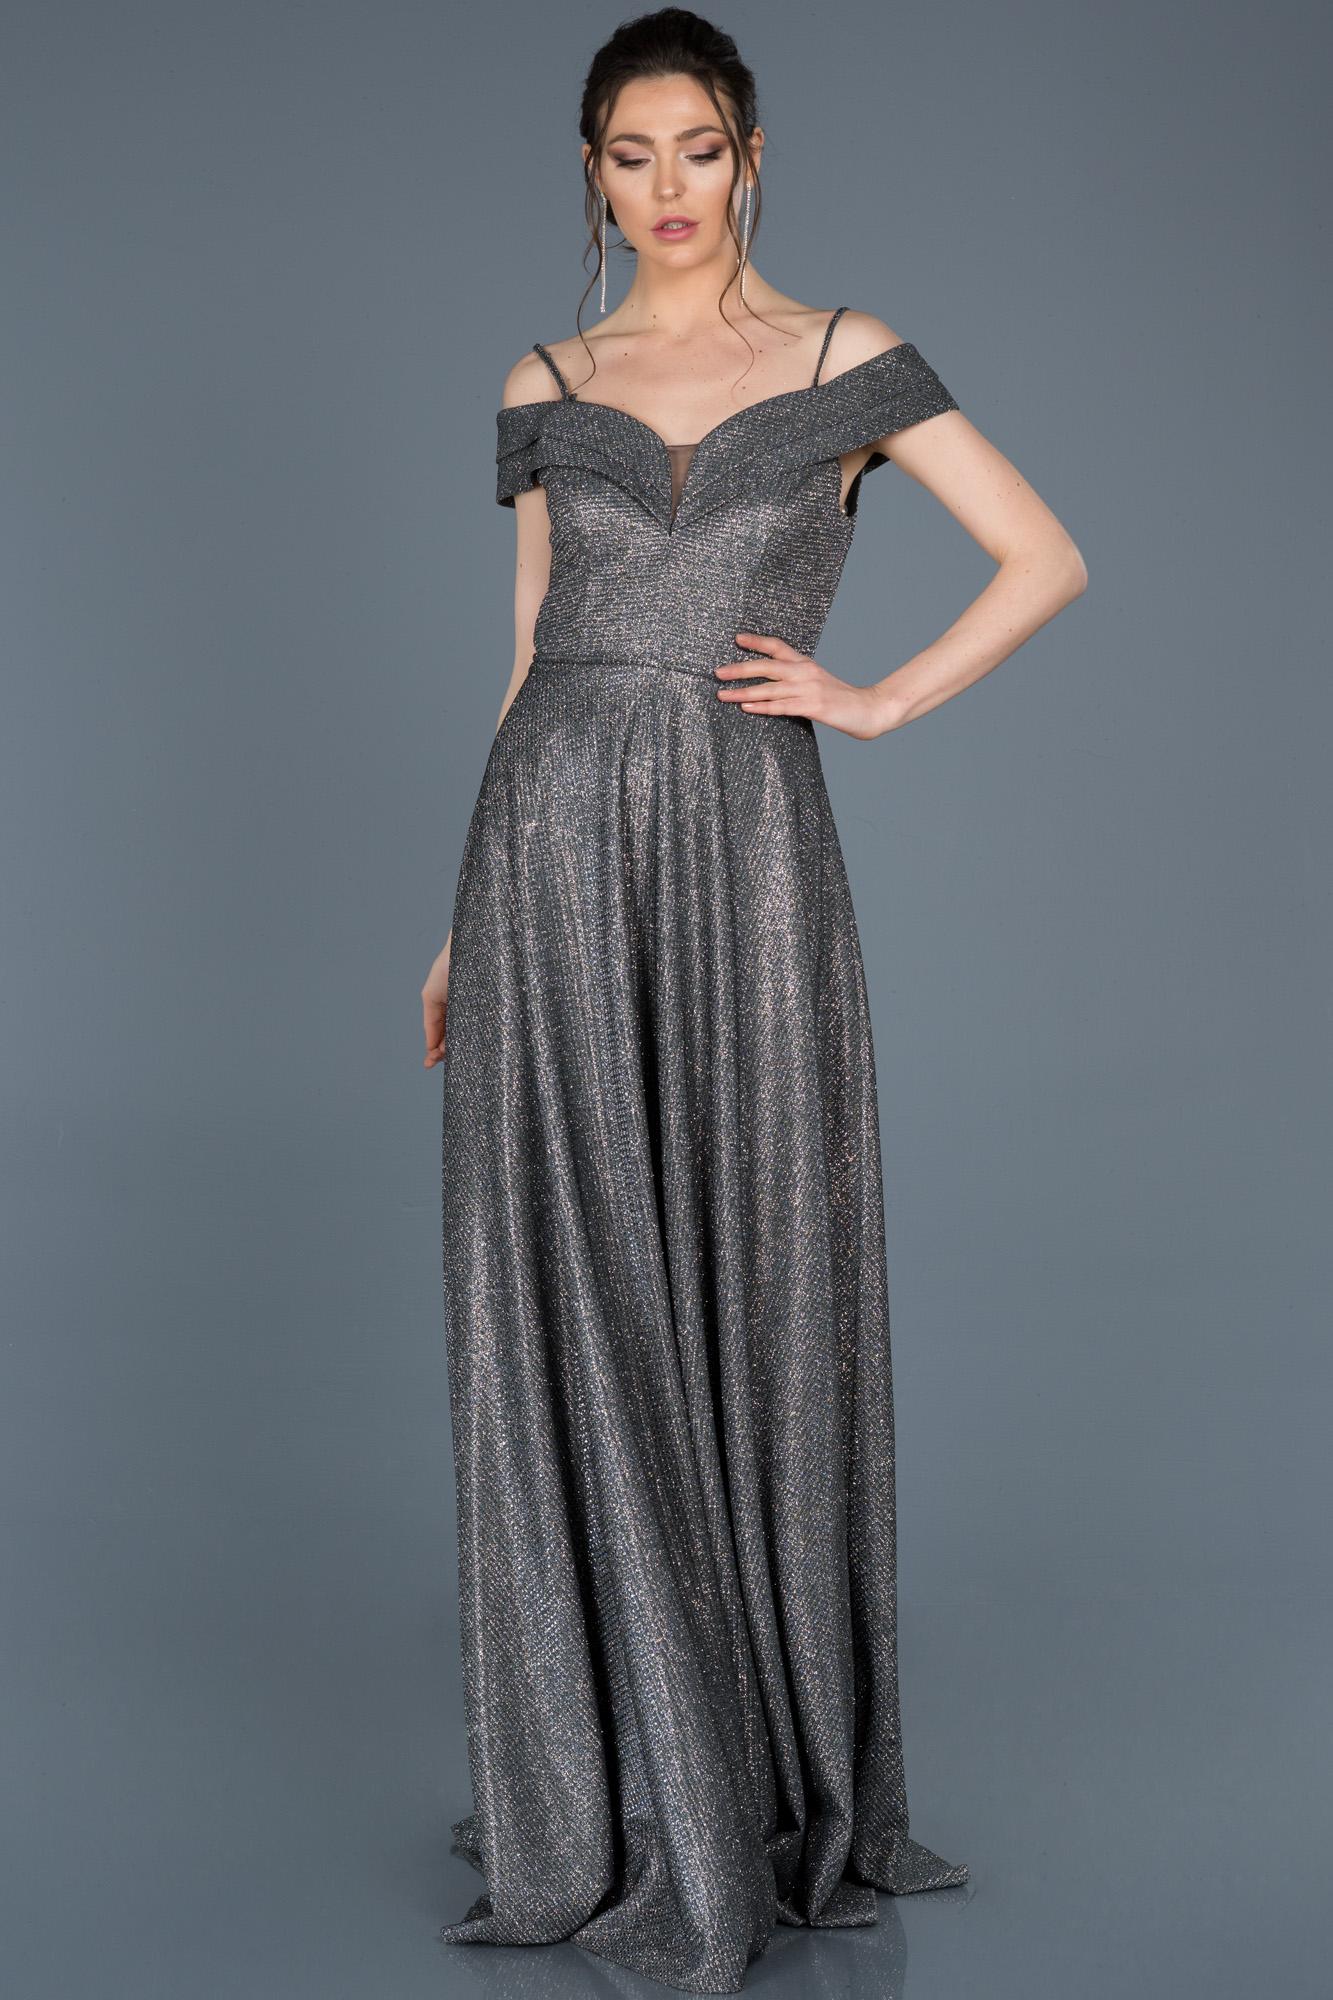 Siyah-Gümüş Kayık Yaka Simli Abiye Elbise